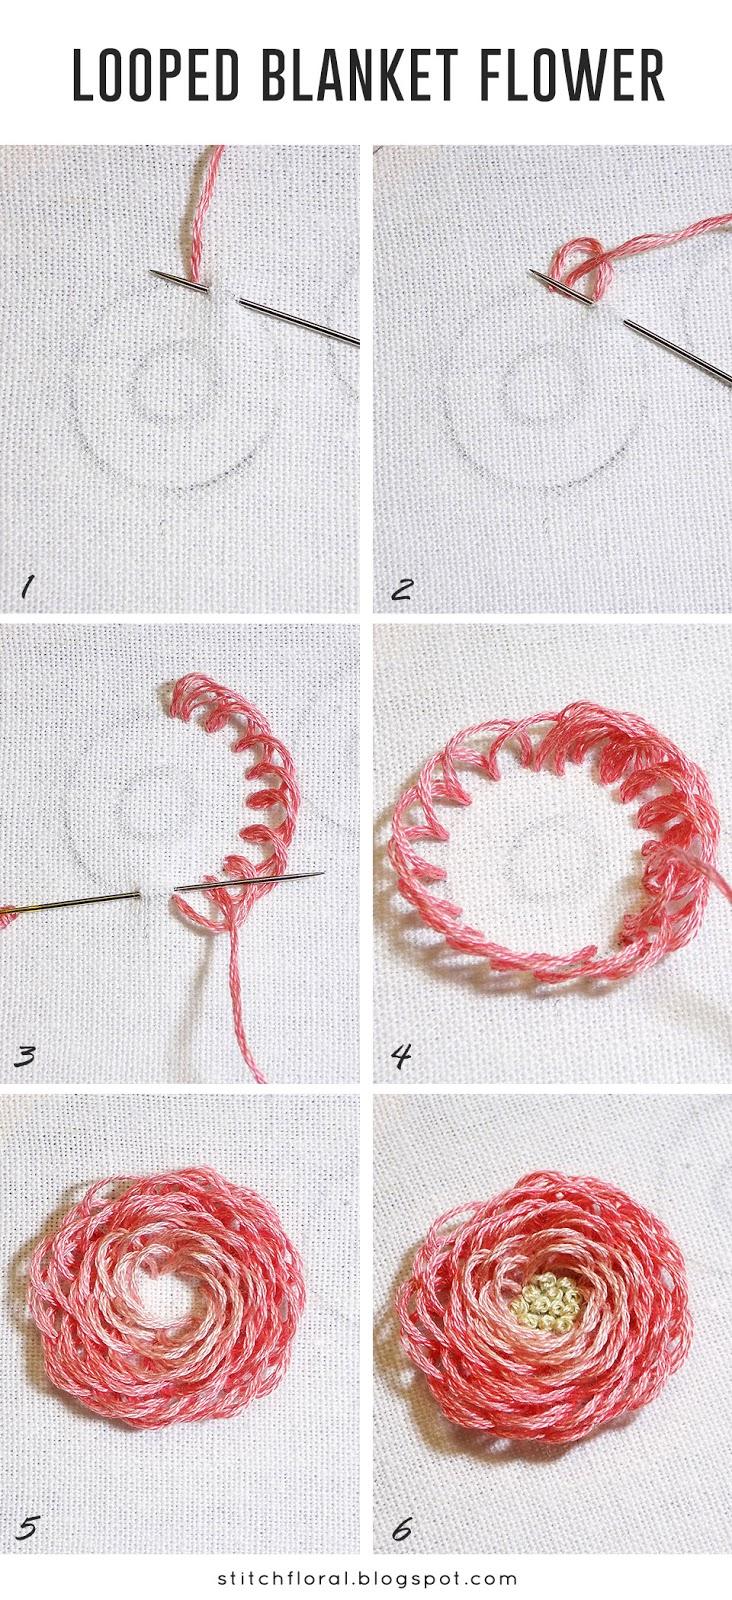 Looped blanket flower tutorial